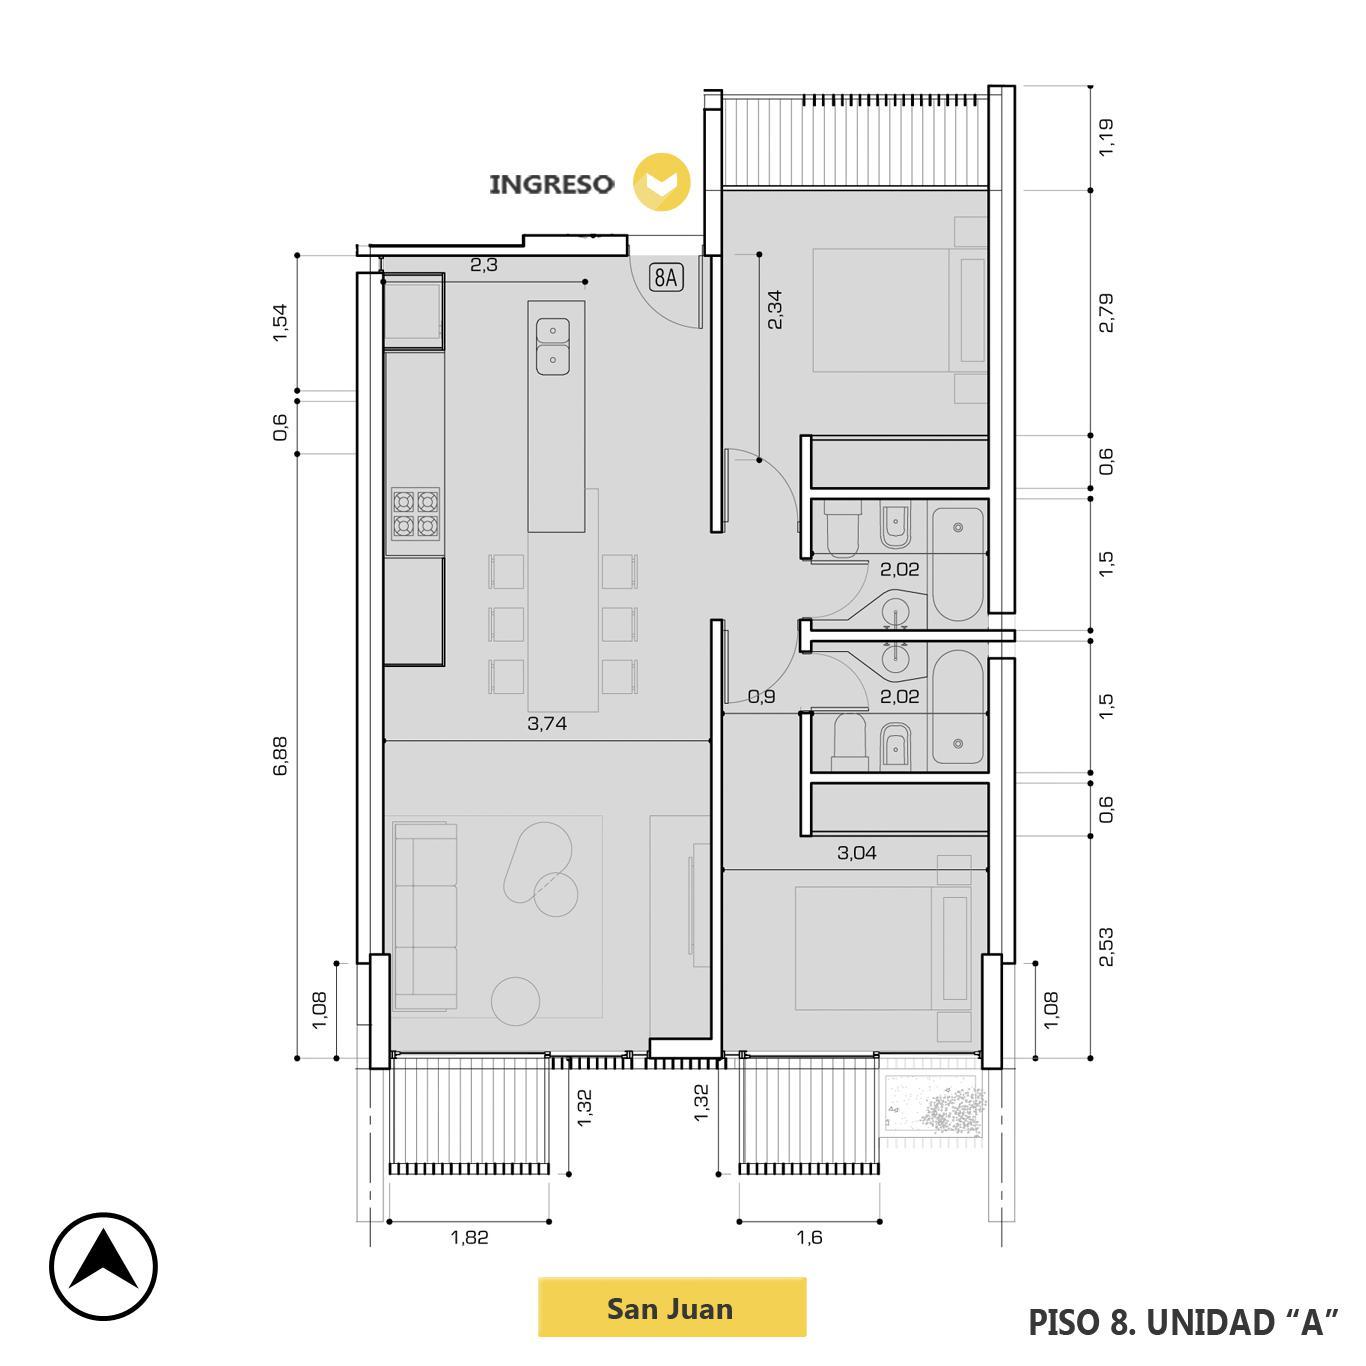 Venta departamento 2 dormitorios Rosario, Centro. Cod CBU23237 AP2198901. Crestale Propiedades